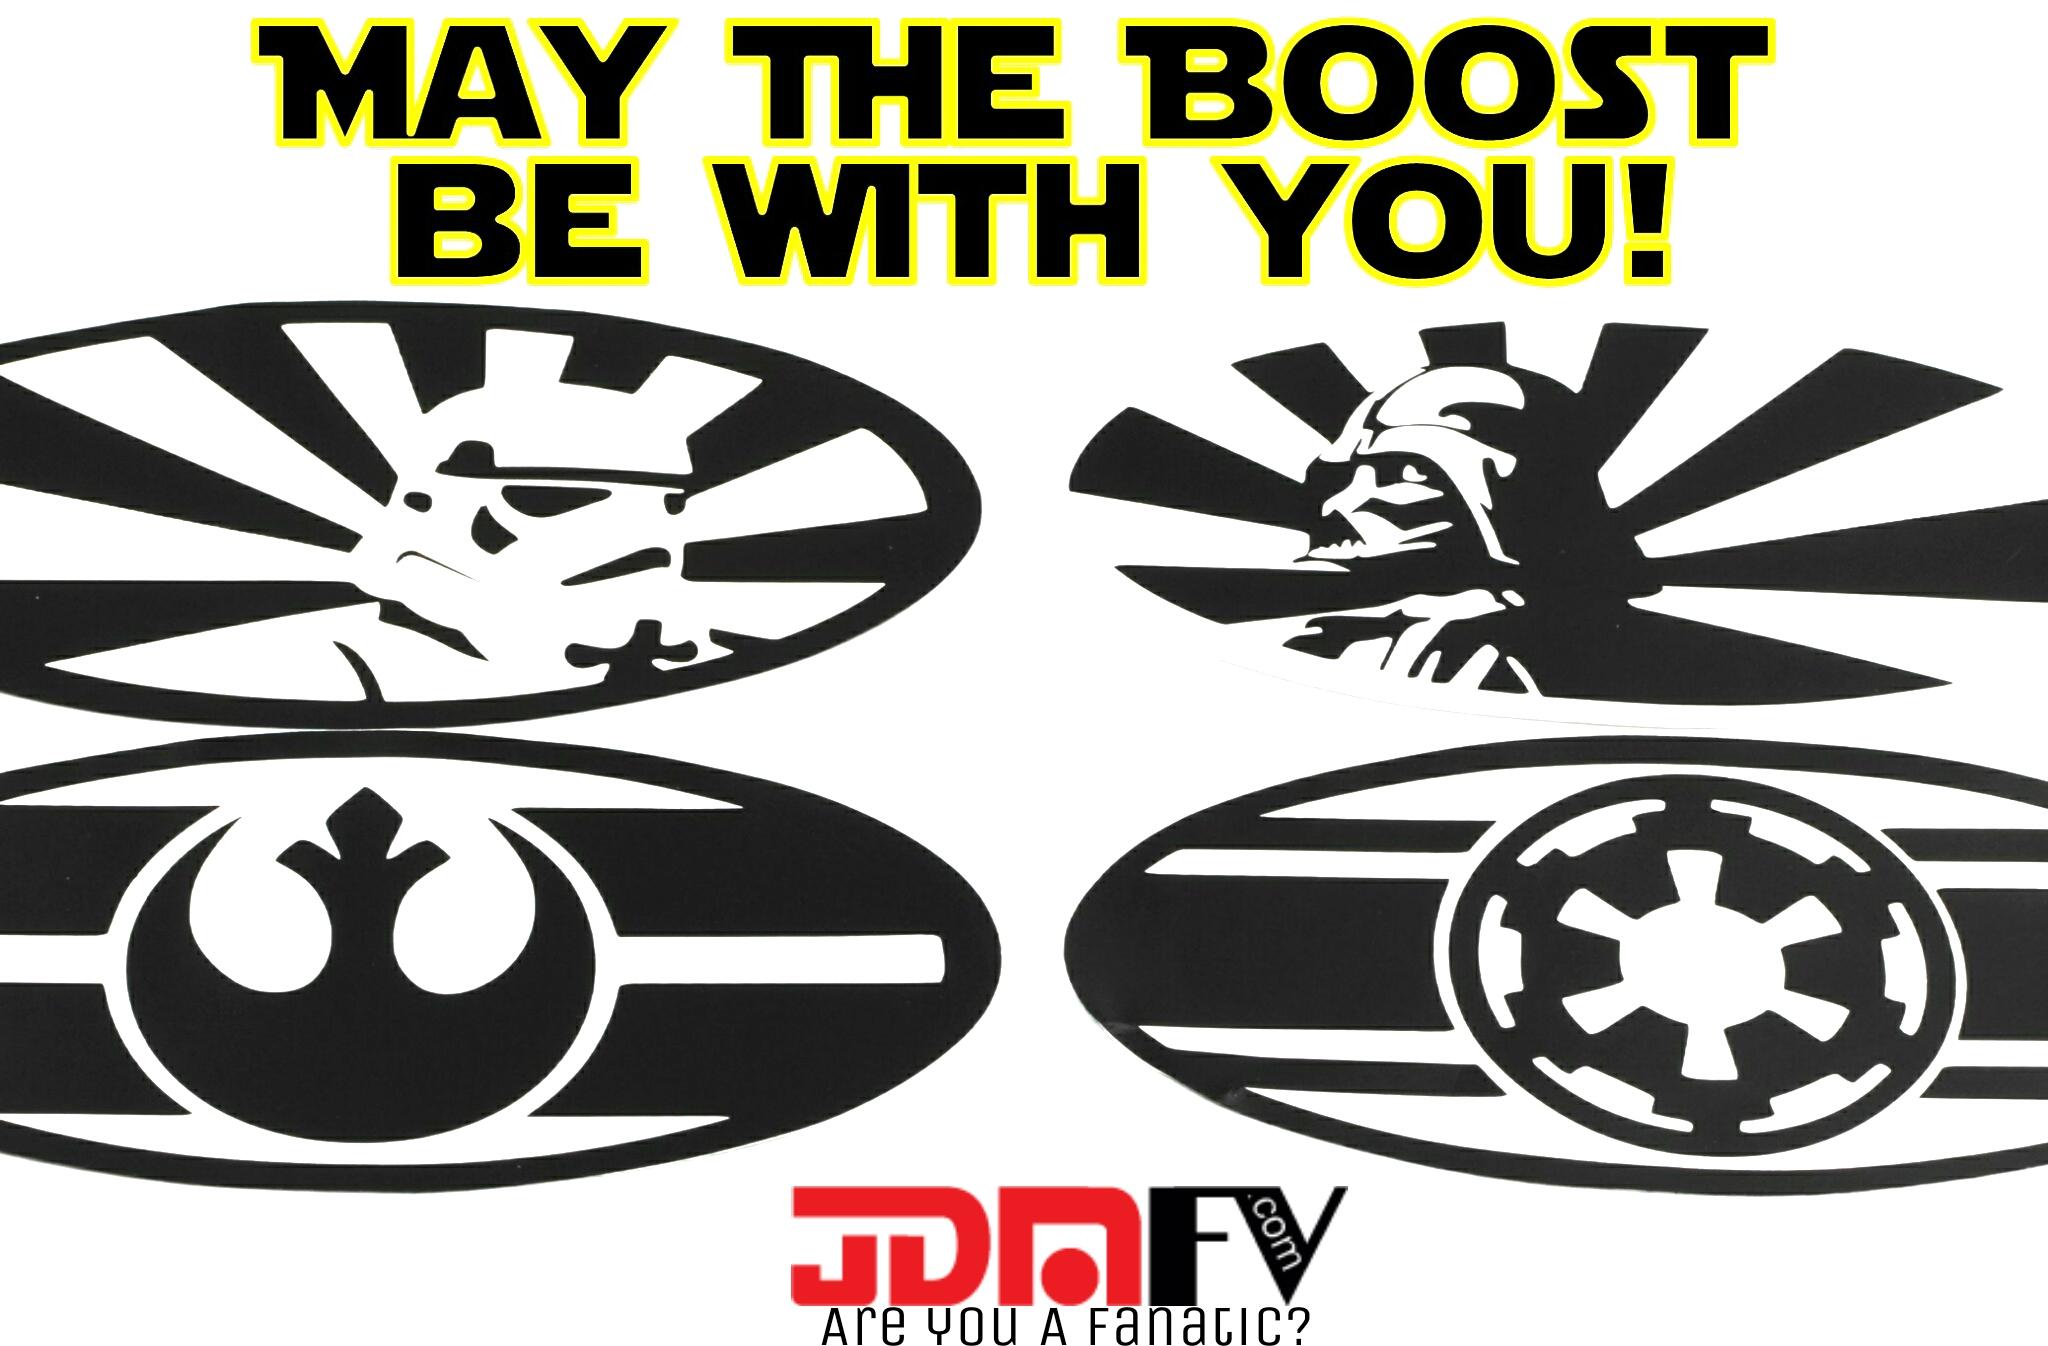 subaru-emblem-overlays-starwars-darth-vader-empire-stormtrooper-imperial-jdmfv.jpg